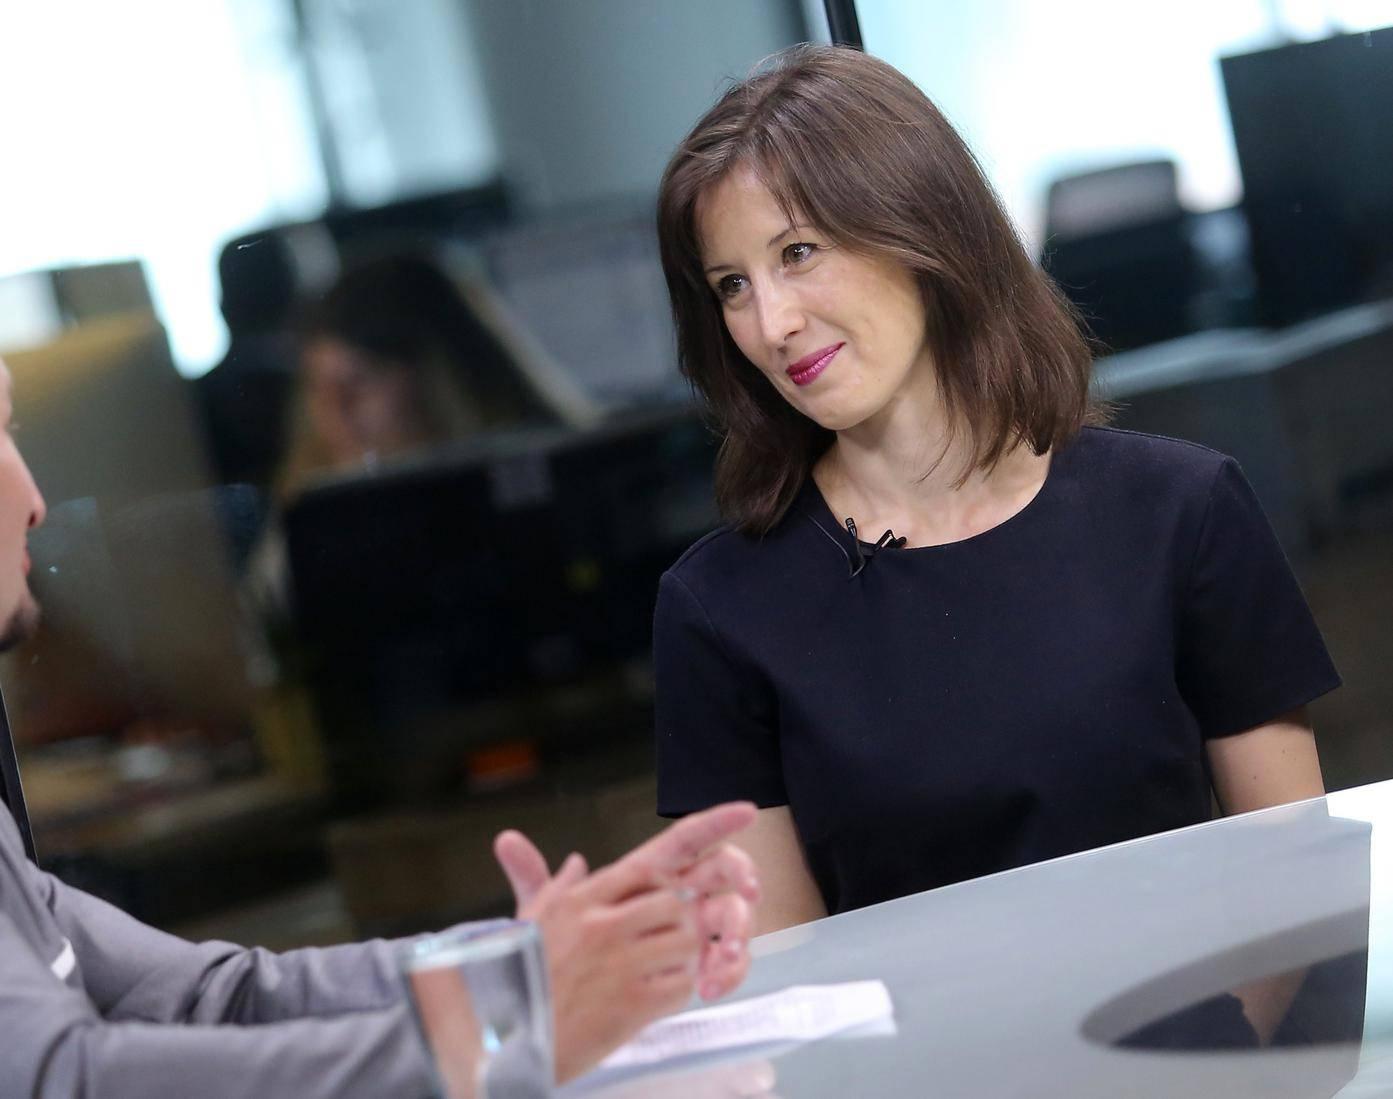 Dalija Orešković: HDZ i SDP su političke kukavice, važna im je samo politika brige o sebi